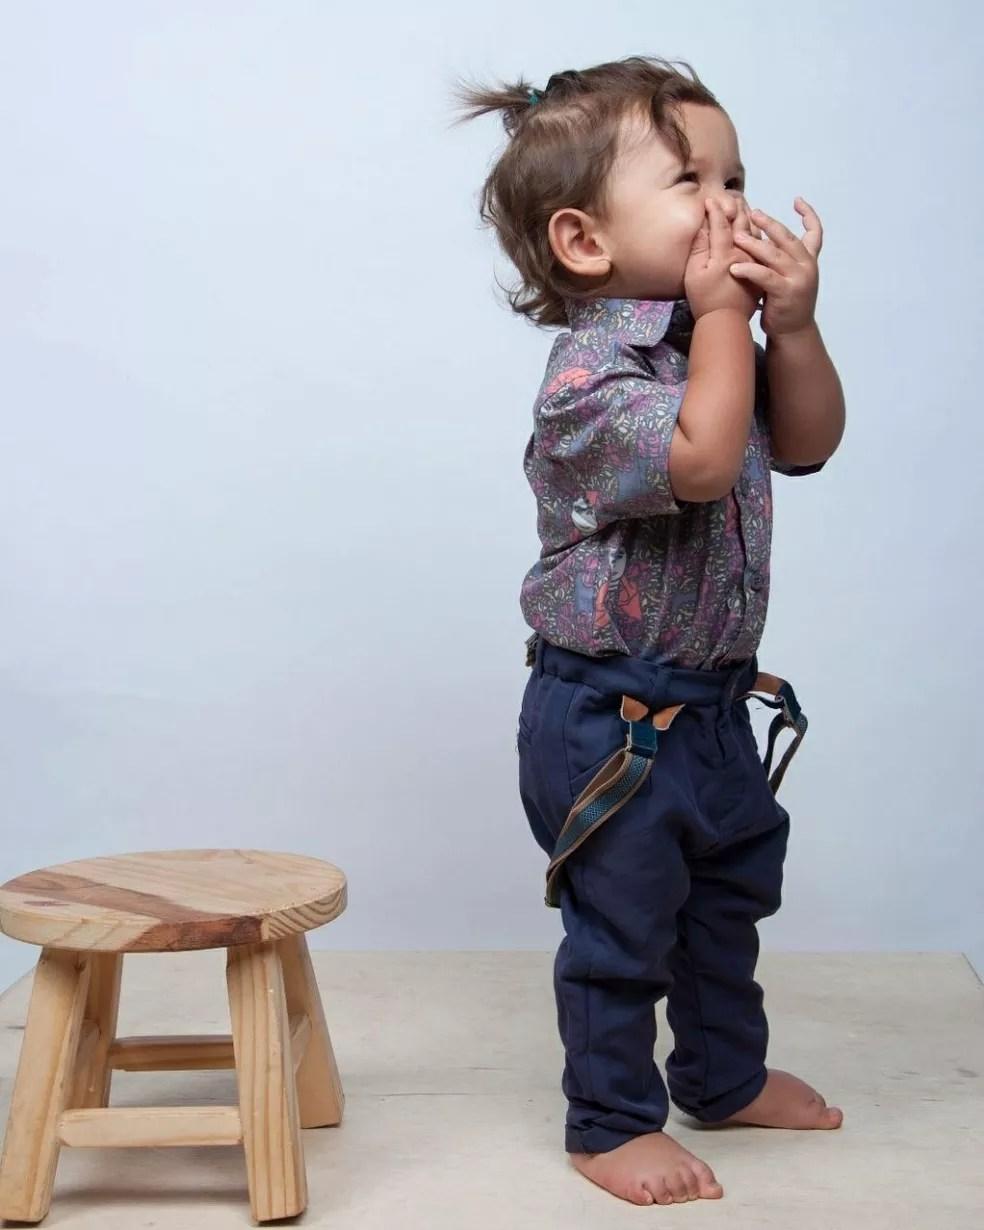 Roupa infantil estampada com obra de Ana Clara Tissot (MS) (Foto: Rafael Machado/Divulgação)